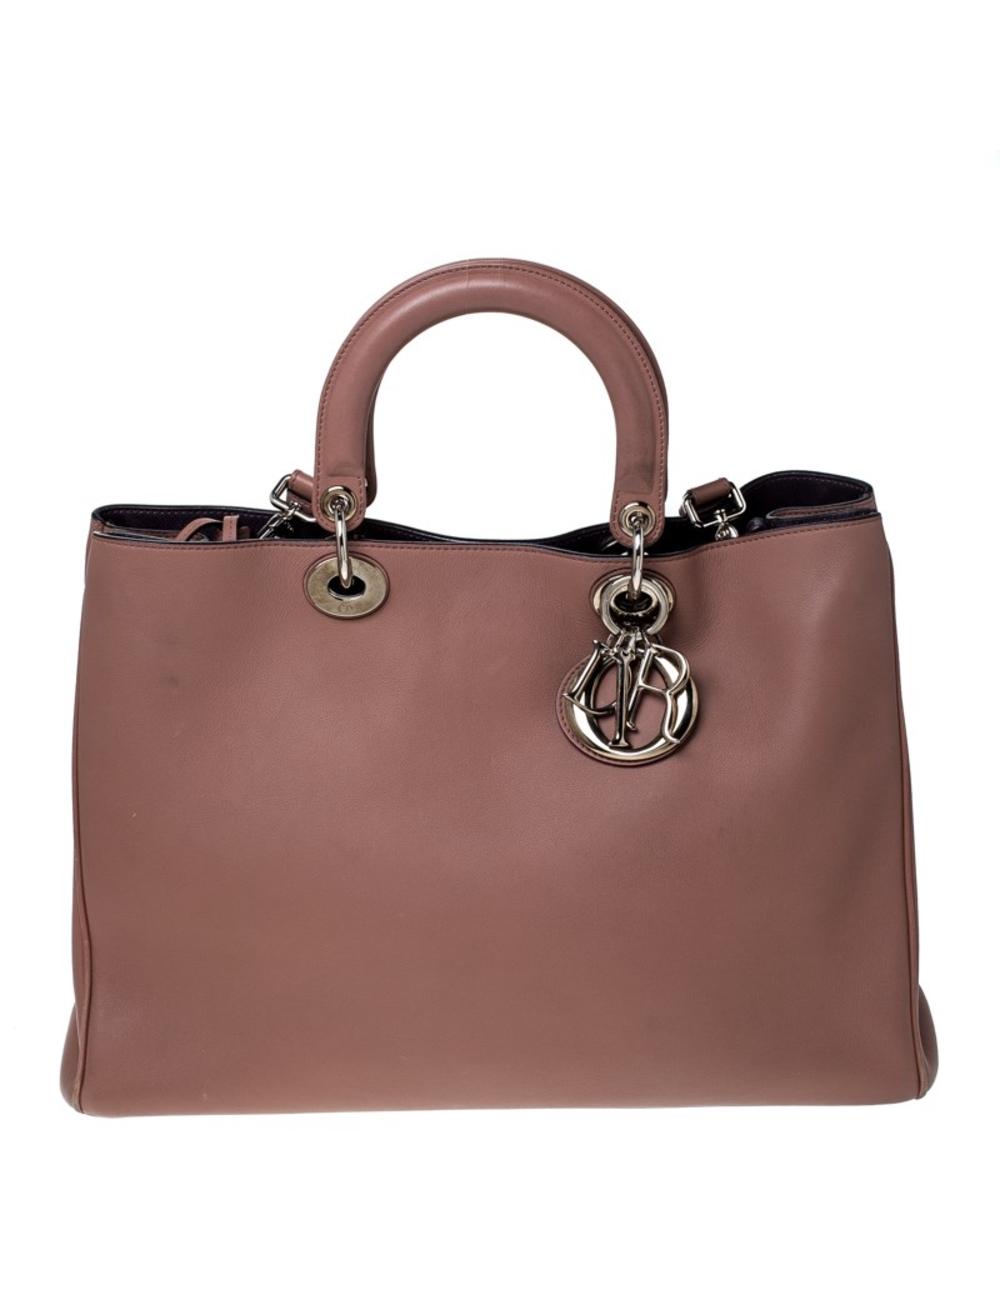 Dior的Diorissimo包是永恆的單品。皮革包採用豪華色調,配以銀色金屬配件和Dior字母飾物。它具有雙頂手柄,可拆卸的肩帶和底部的保護腳。按扣打開後露出帶有襯裡的皮革襯里內部,設有插袋和足夠的